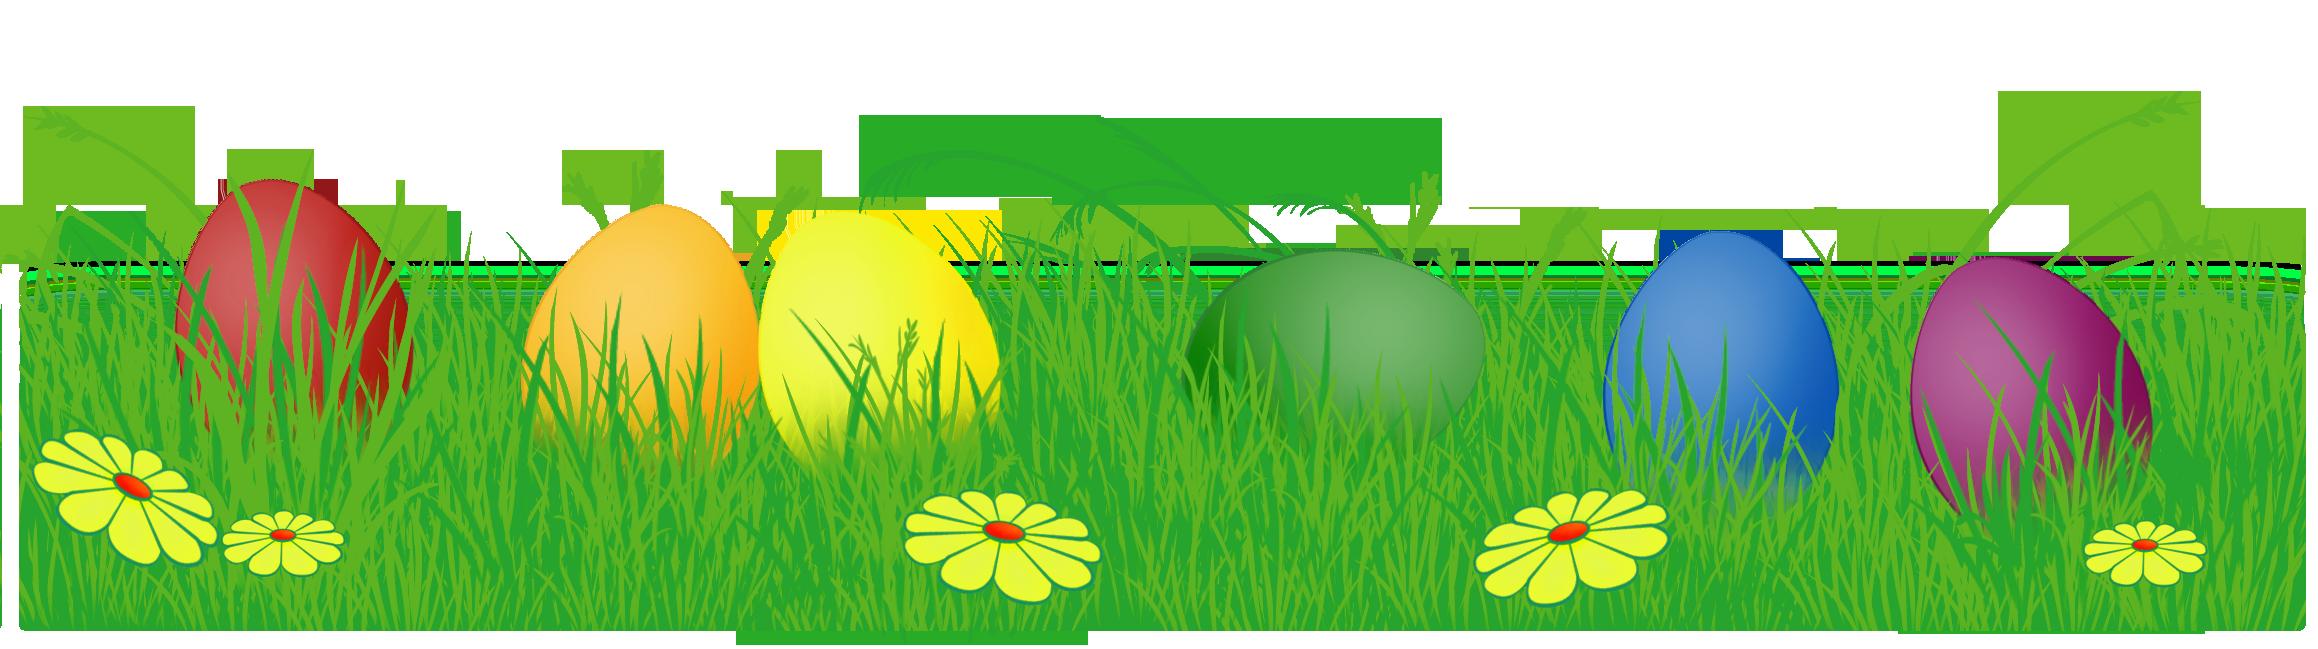 Easter egg clip art border.